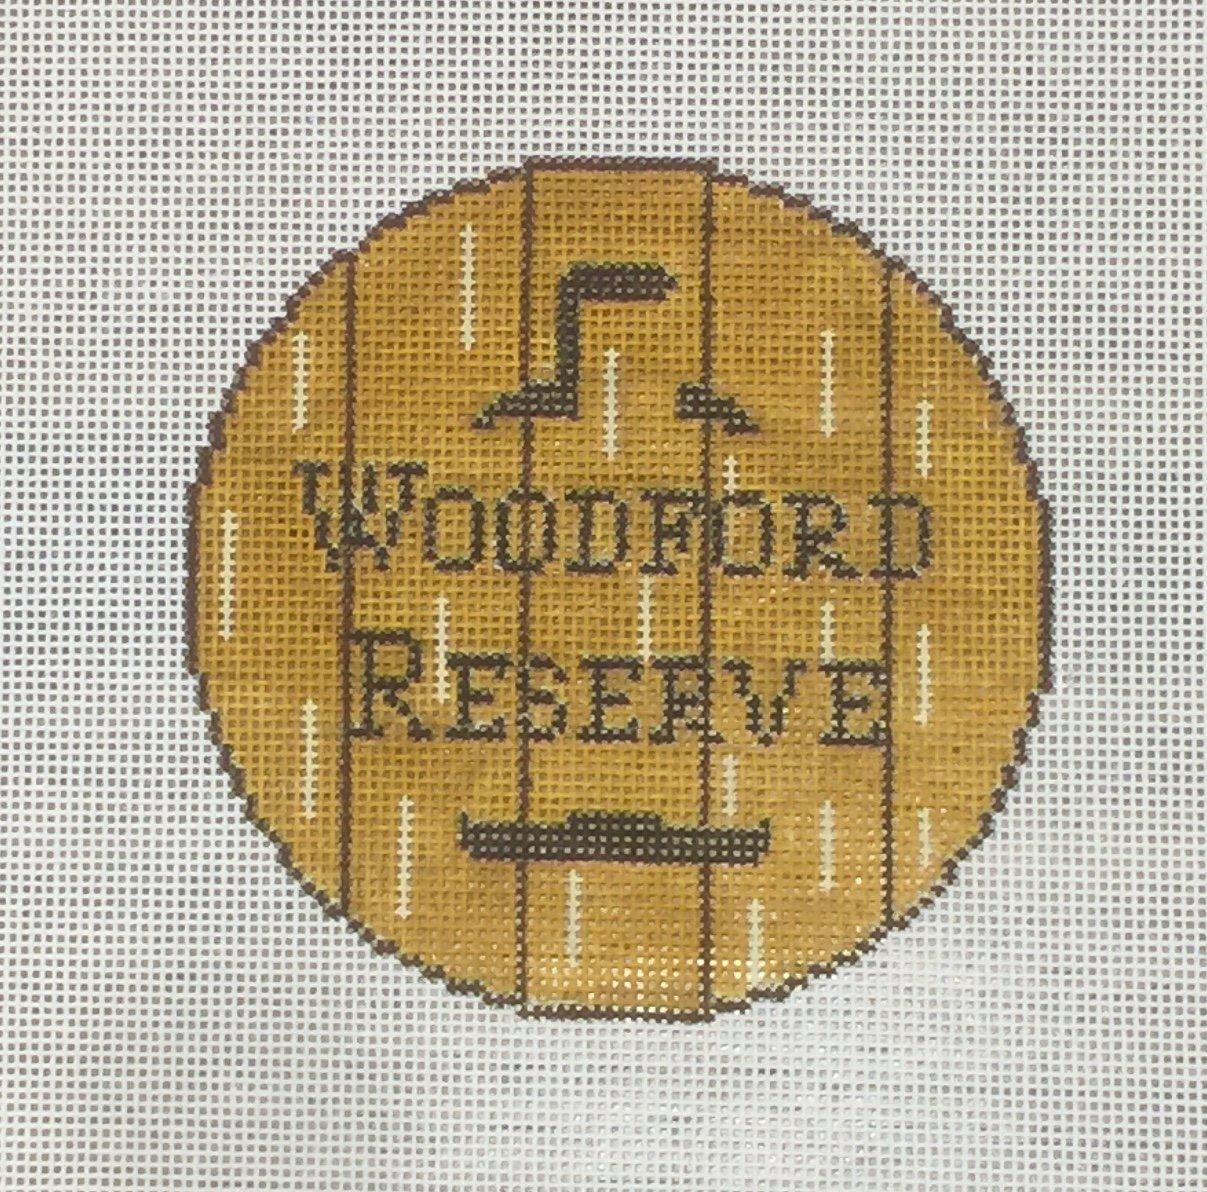 Bourbon Barrel Head - Woodford Reserve